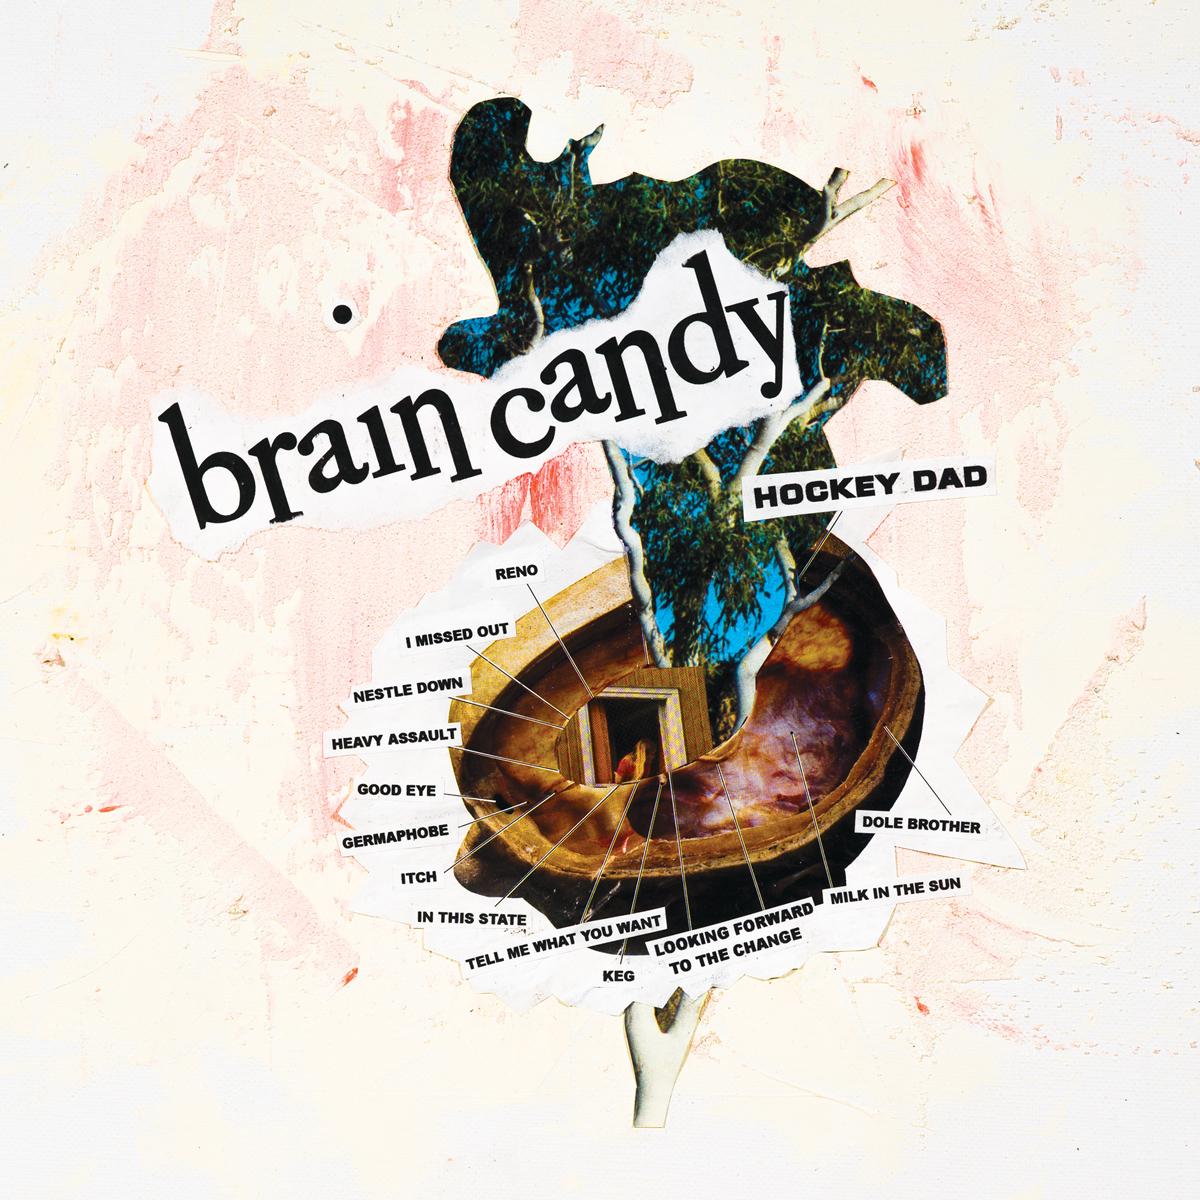 Hockey Dad new album Brain Candy